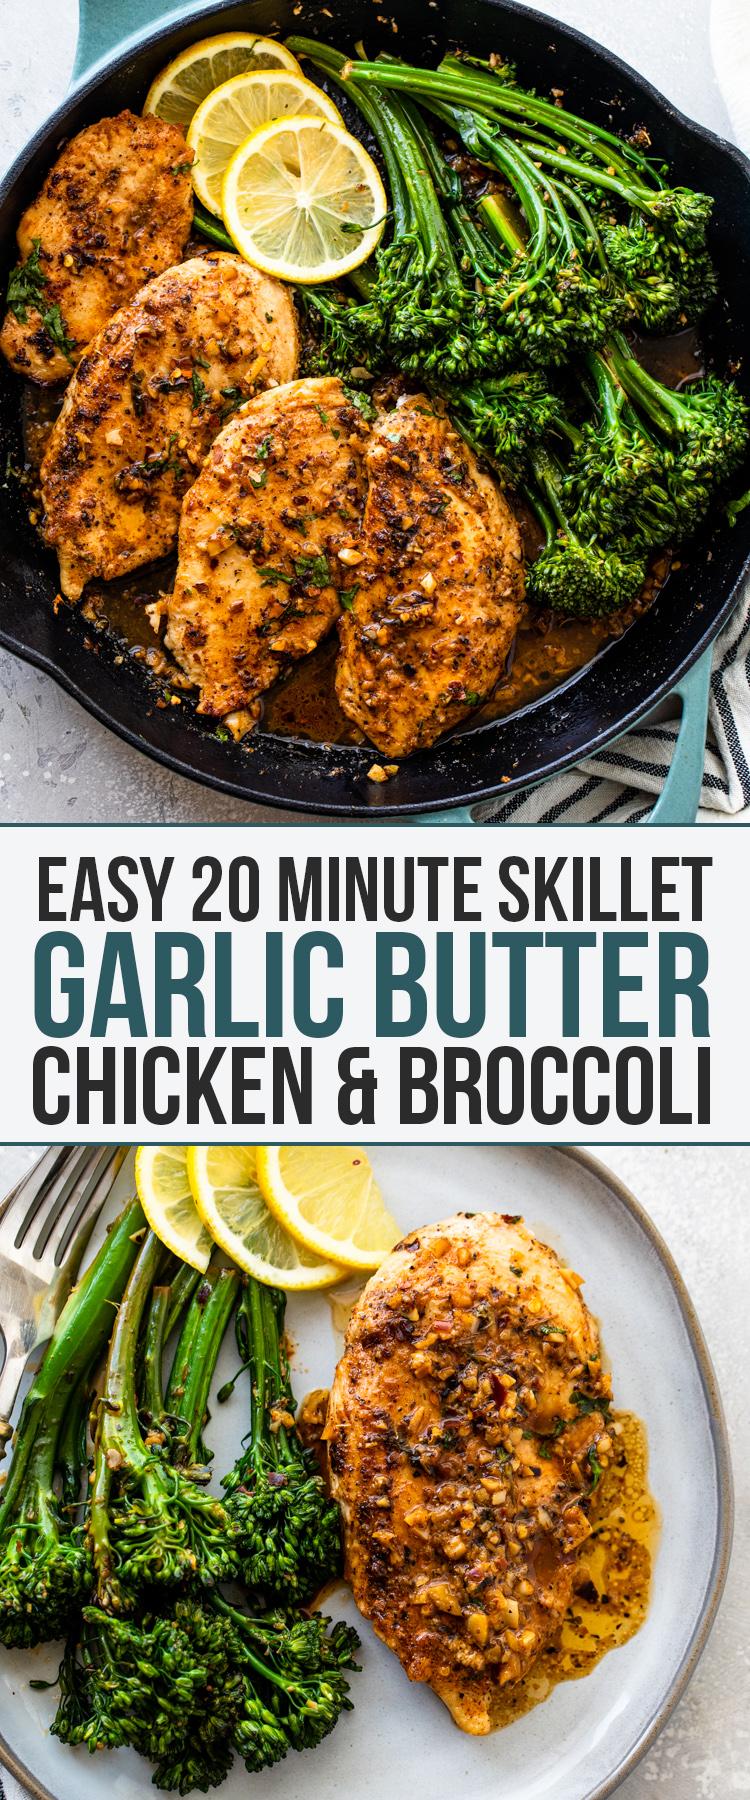 Garlic Butter Chicken & Broccoli (20 Minutes!)